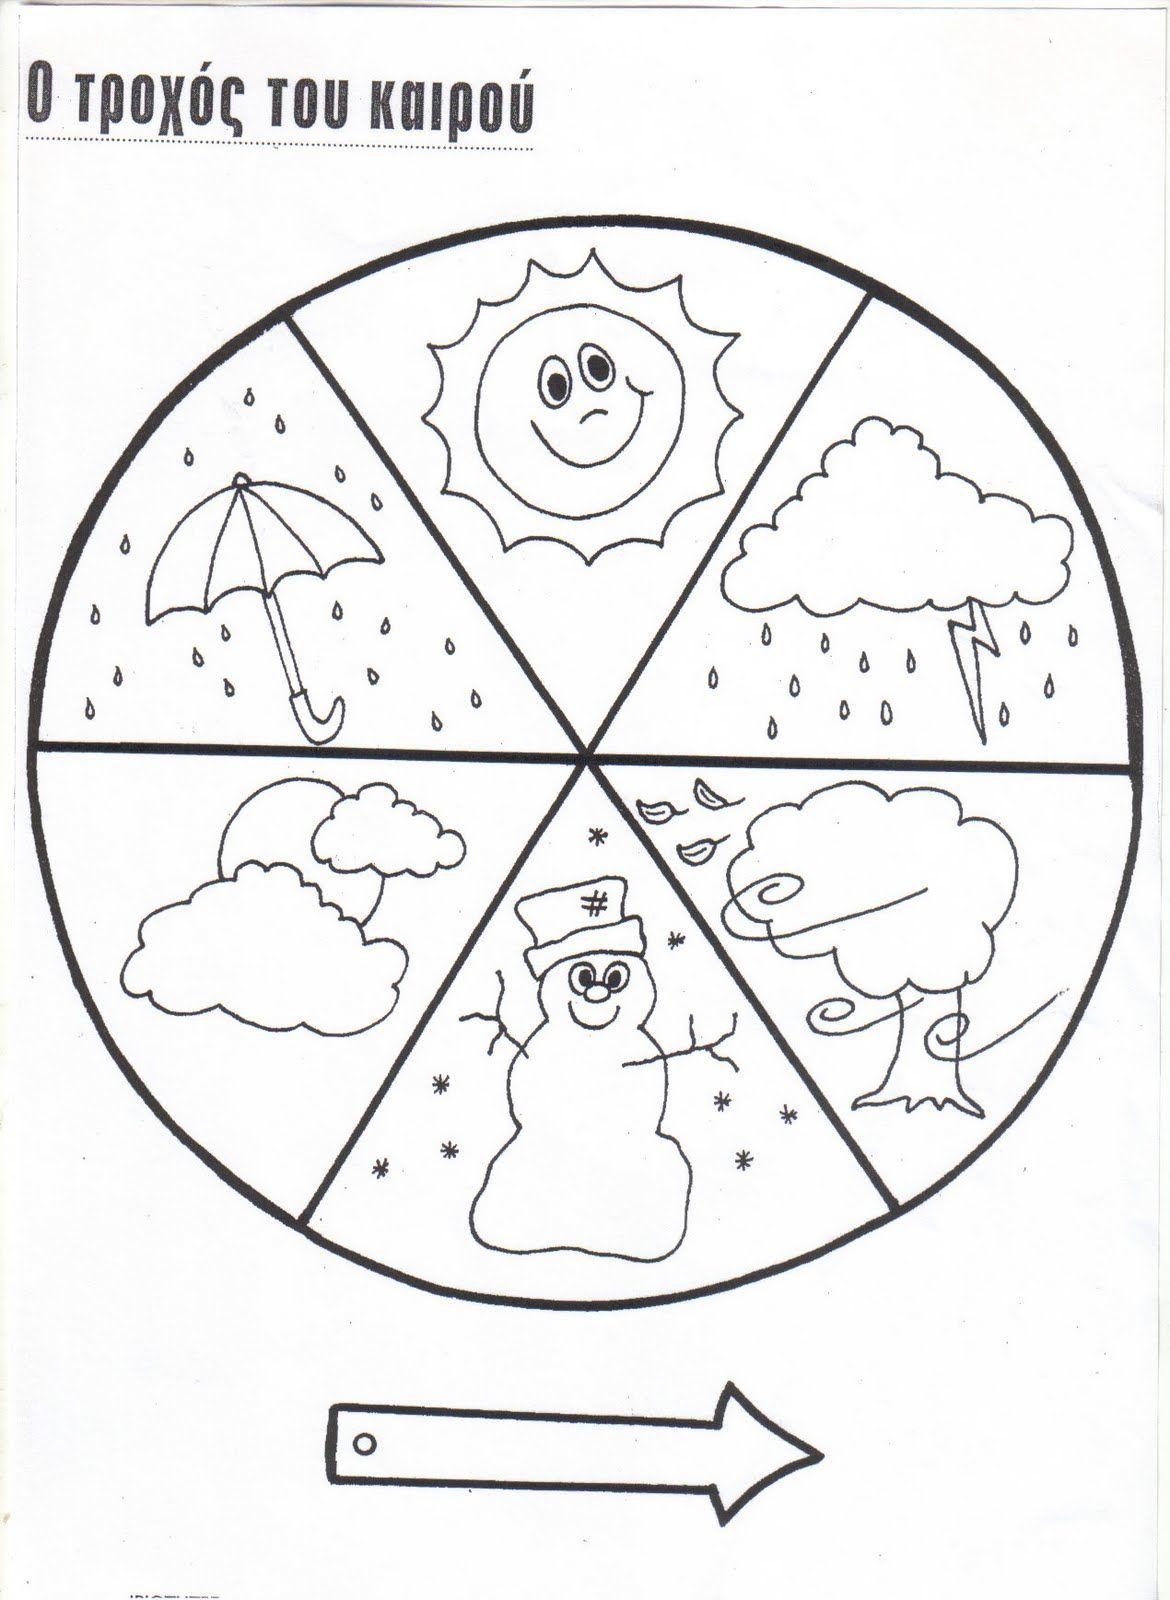 Szandi Musatics adlı kullanıcının Évszakok, időjárás